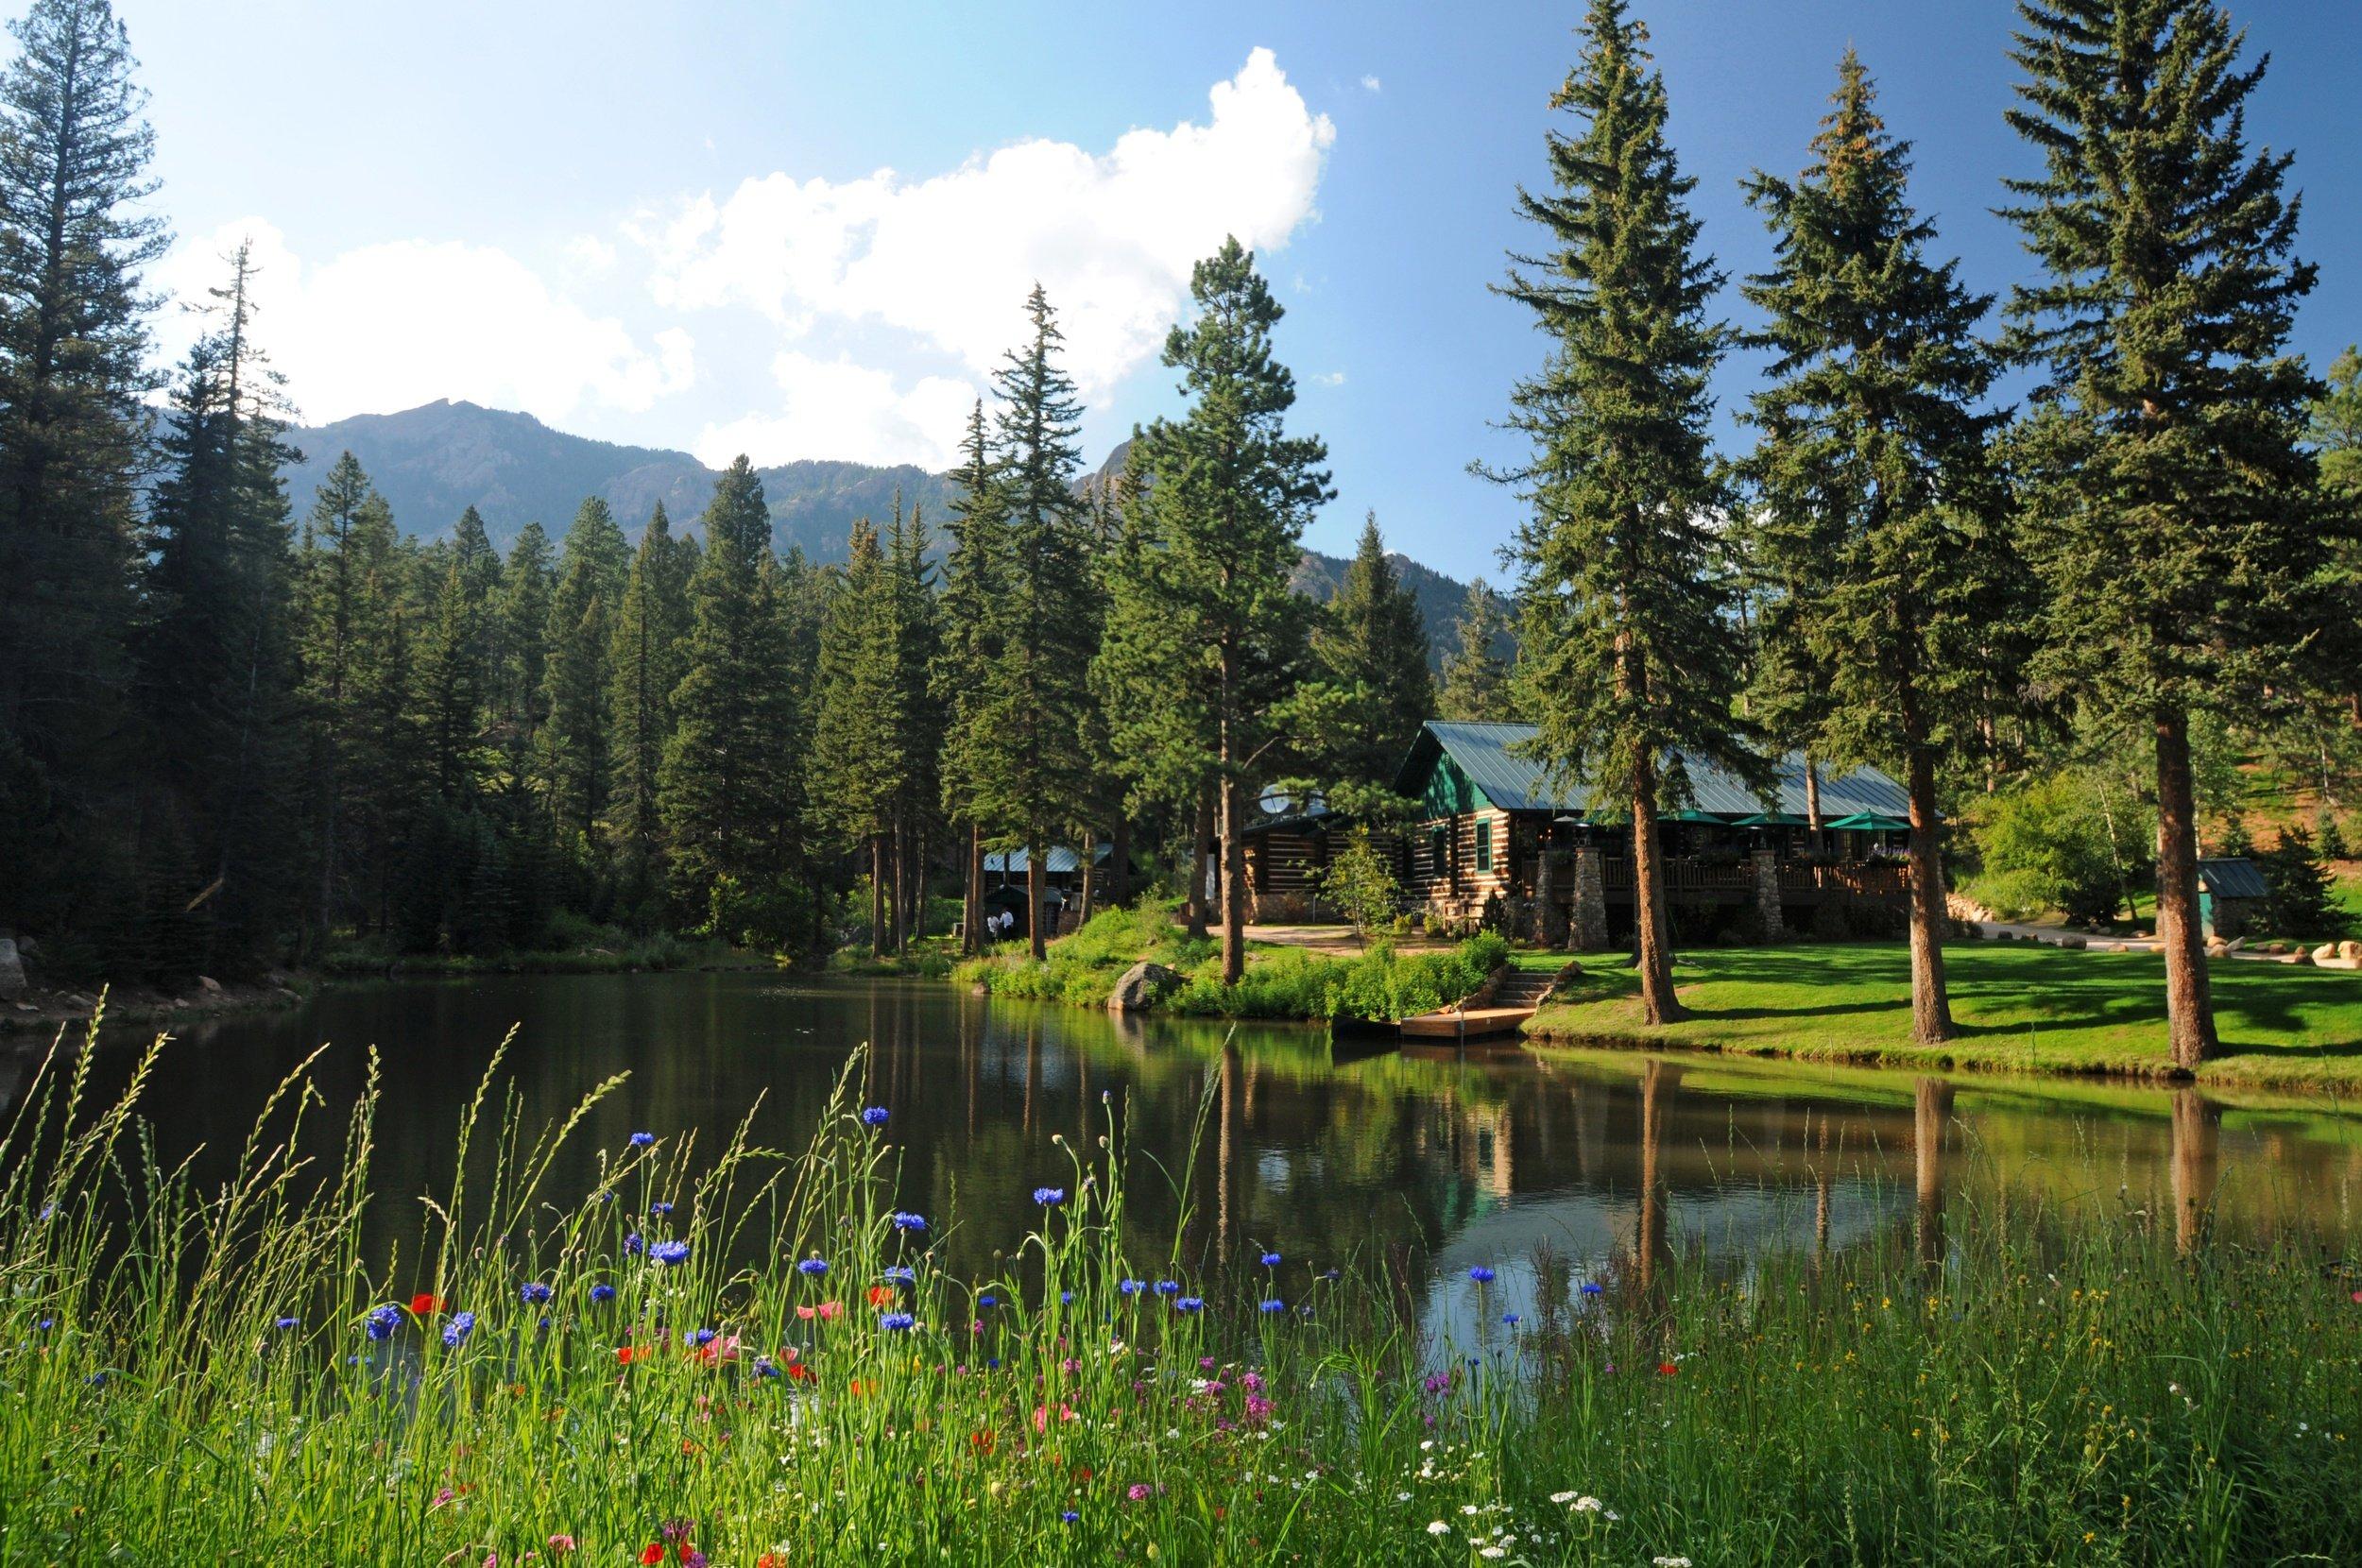 Glamping at Broadmoor Ranch at Emerald Valley